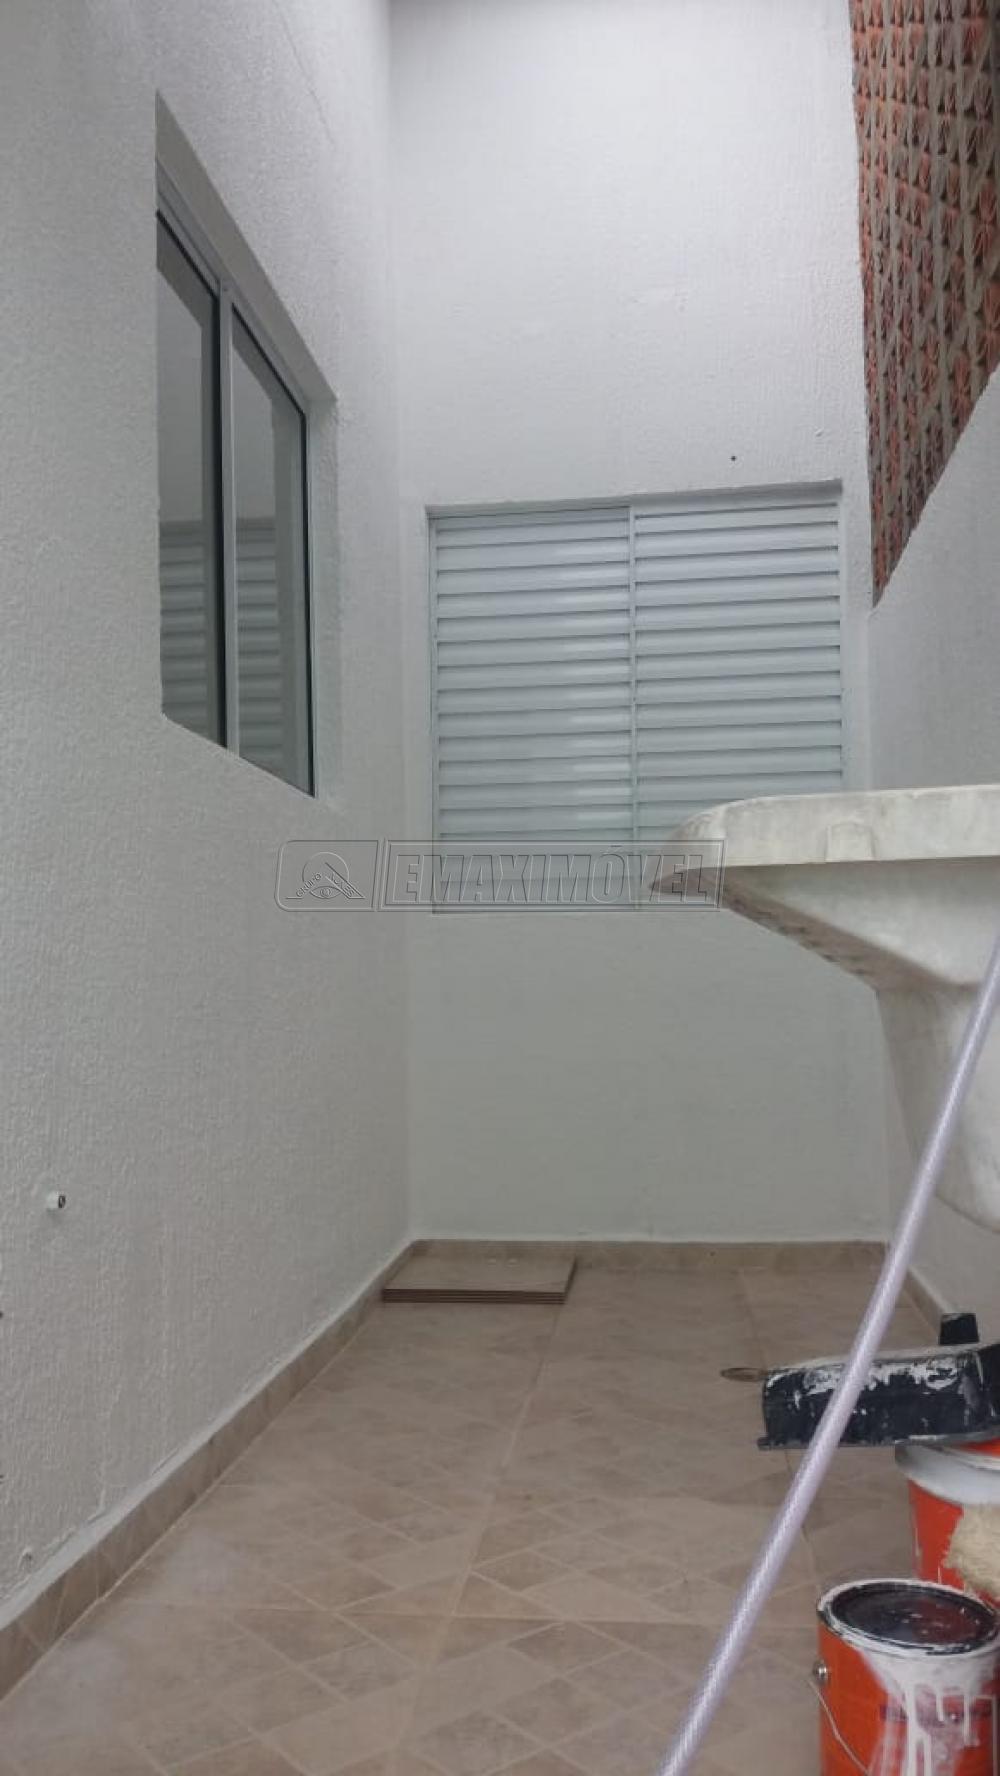 Comprar Casas / em Condomínios em Sorocaba apenas R$ 245.000,00 - Foto 17